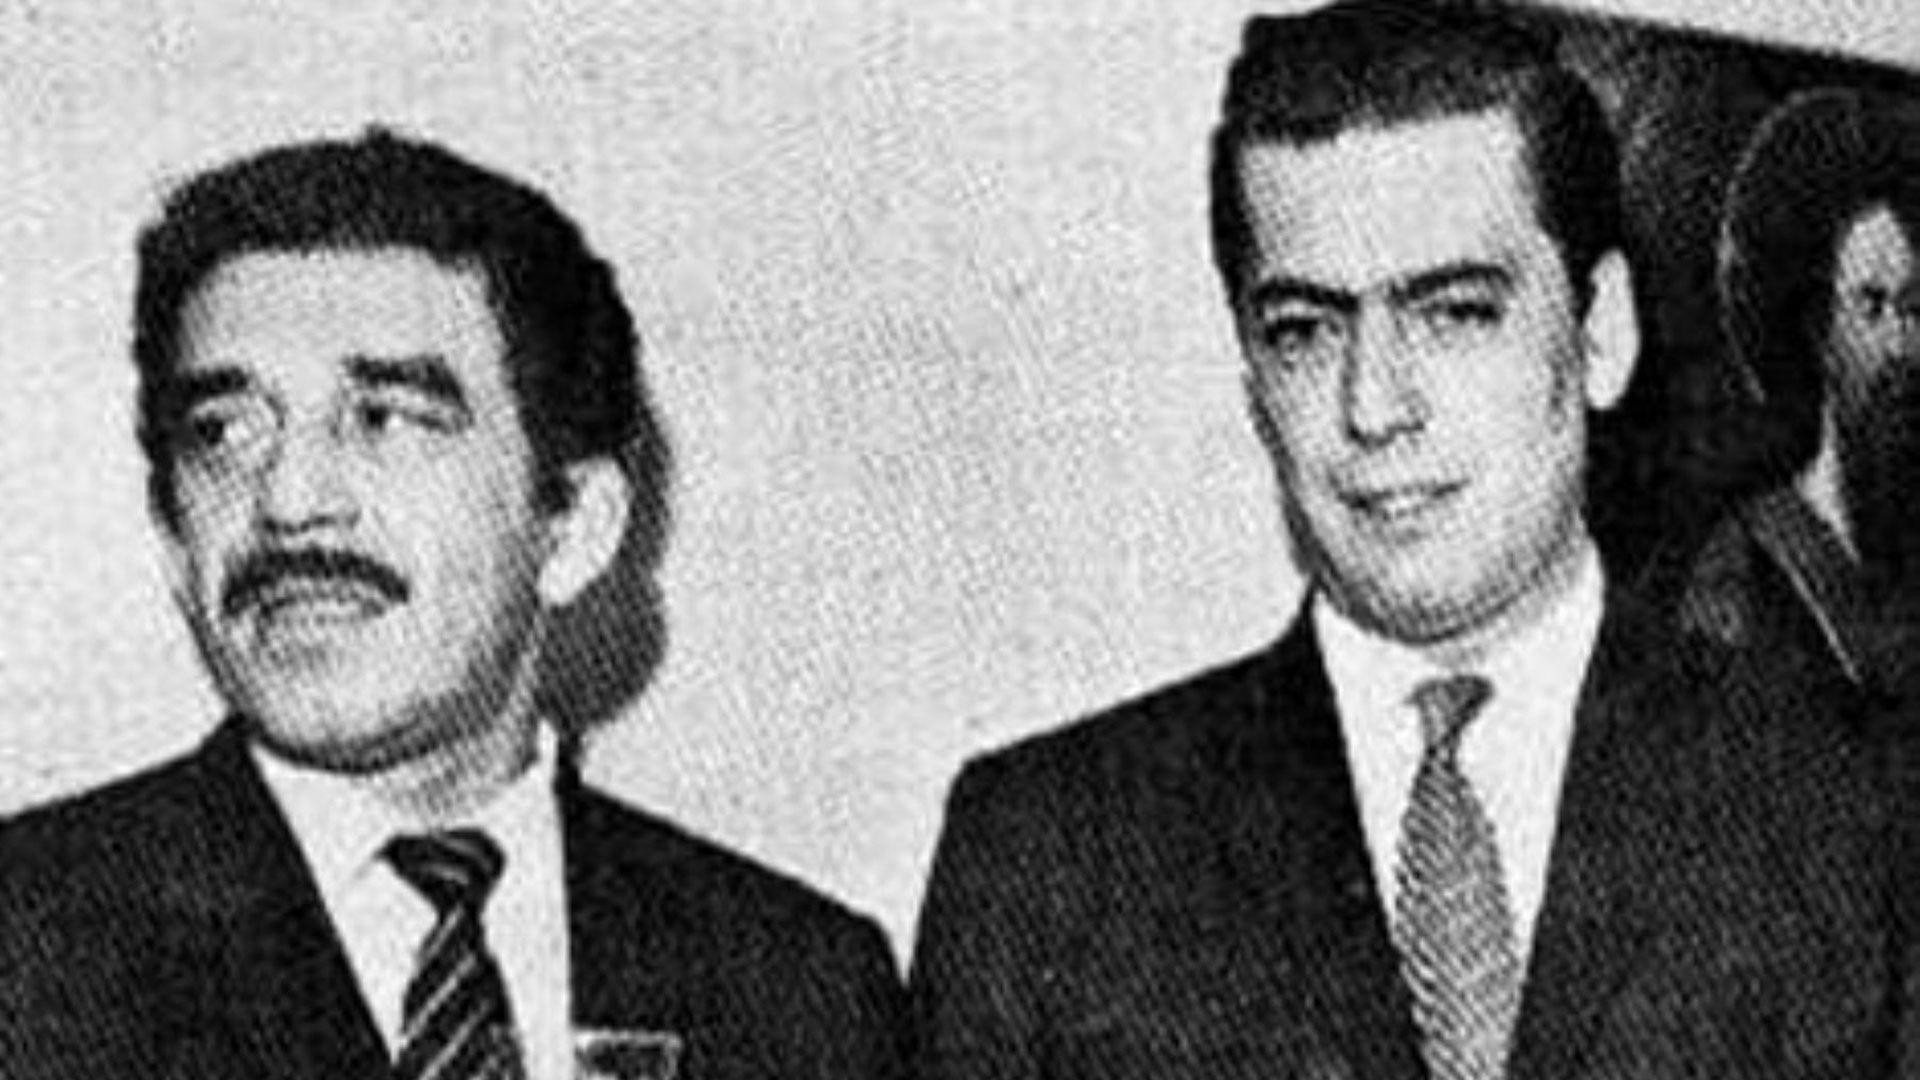 García Márquez y Vargas Llosa